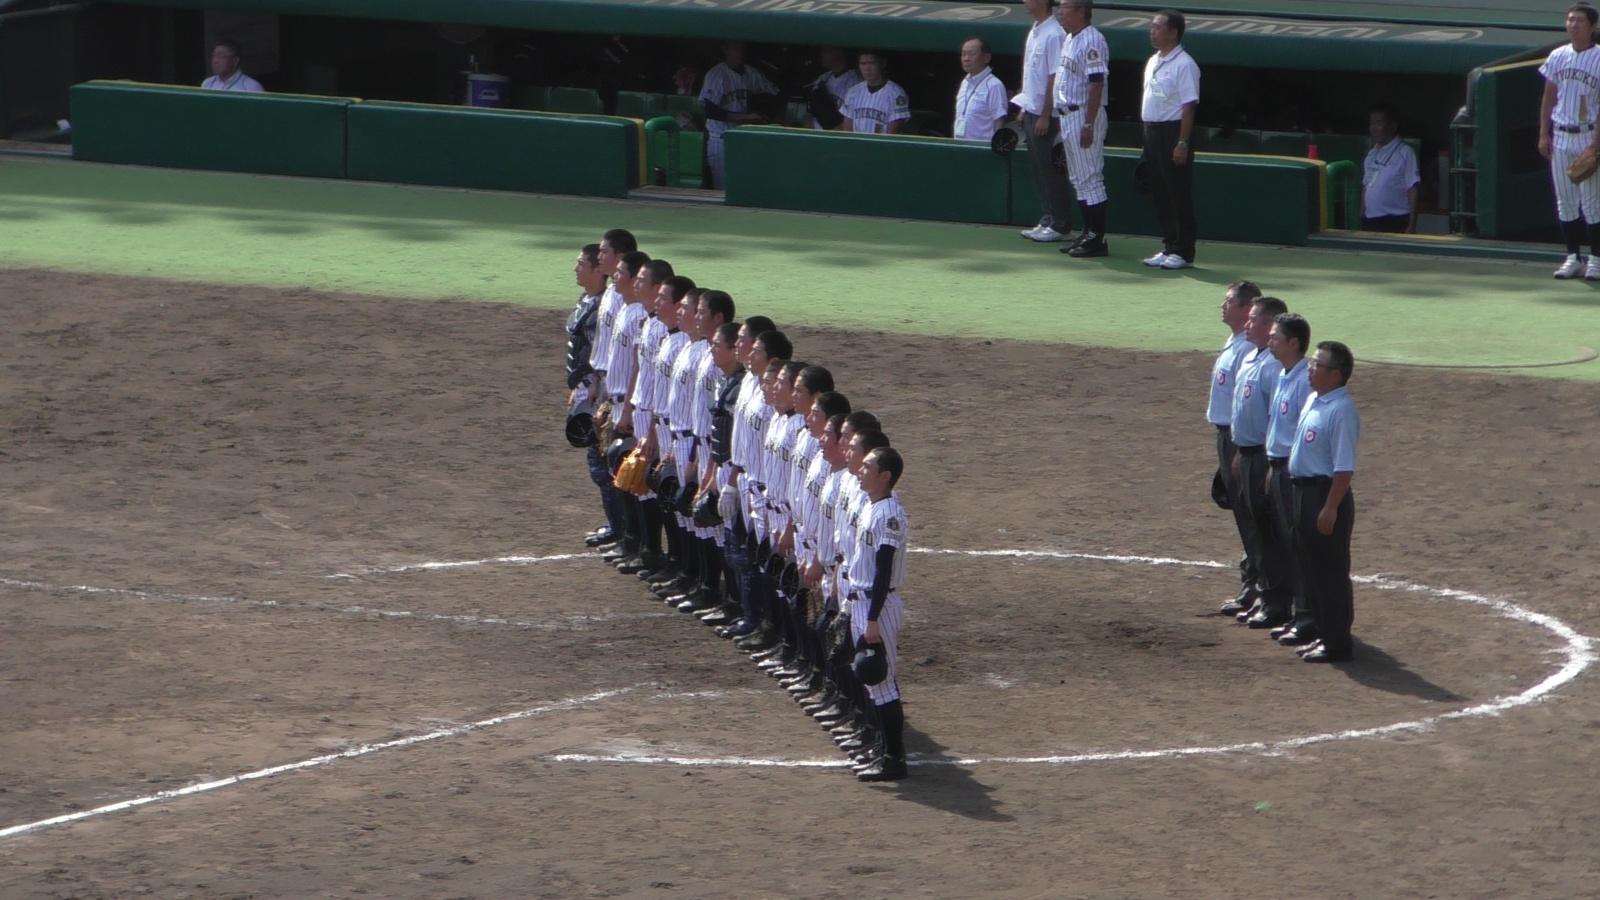 第97回全国高校野球選手権大会~第2日:第3試合「九州国際大付VS鳴門」(上)~